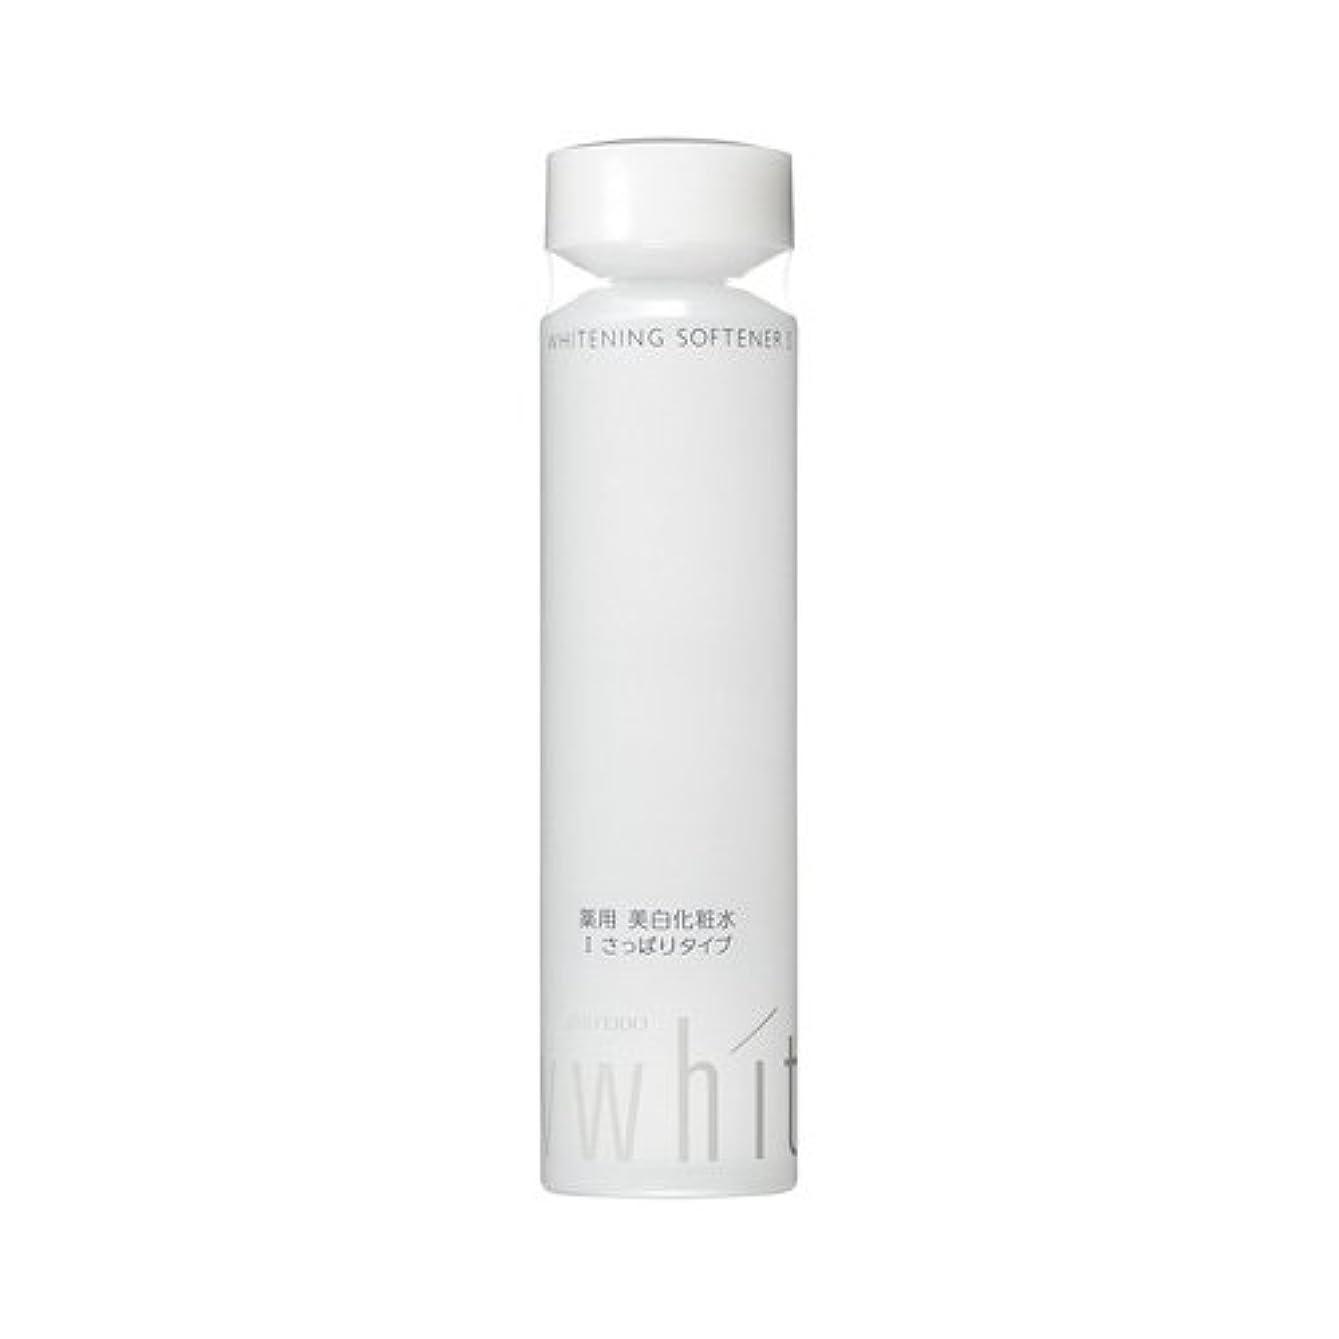 トロリーバスコミット大統領【資生堂】UVホワイト ホワイトニングソフナー1 150ml